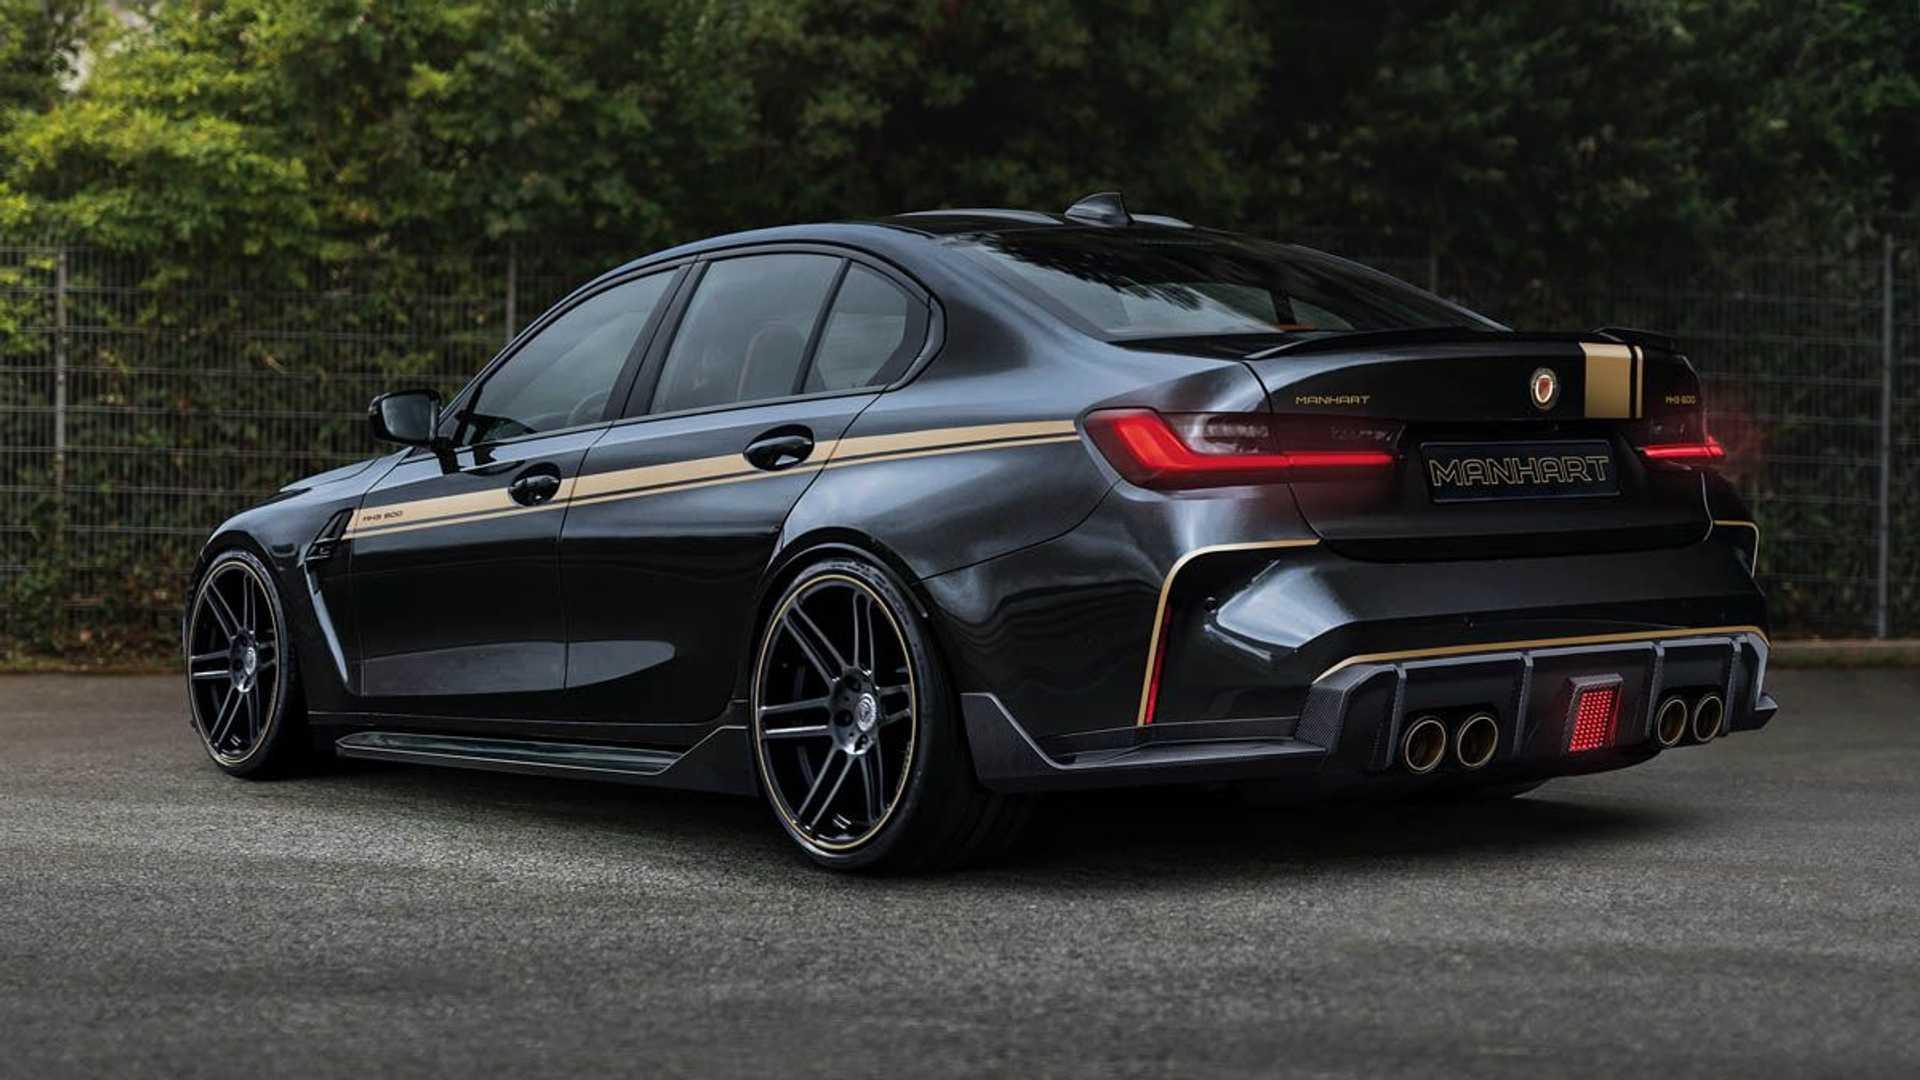 BMW M3 Manhart